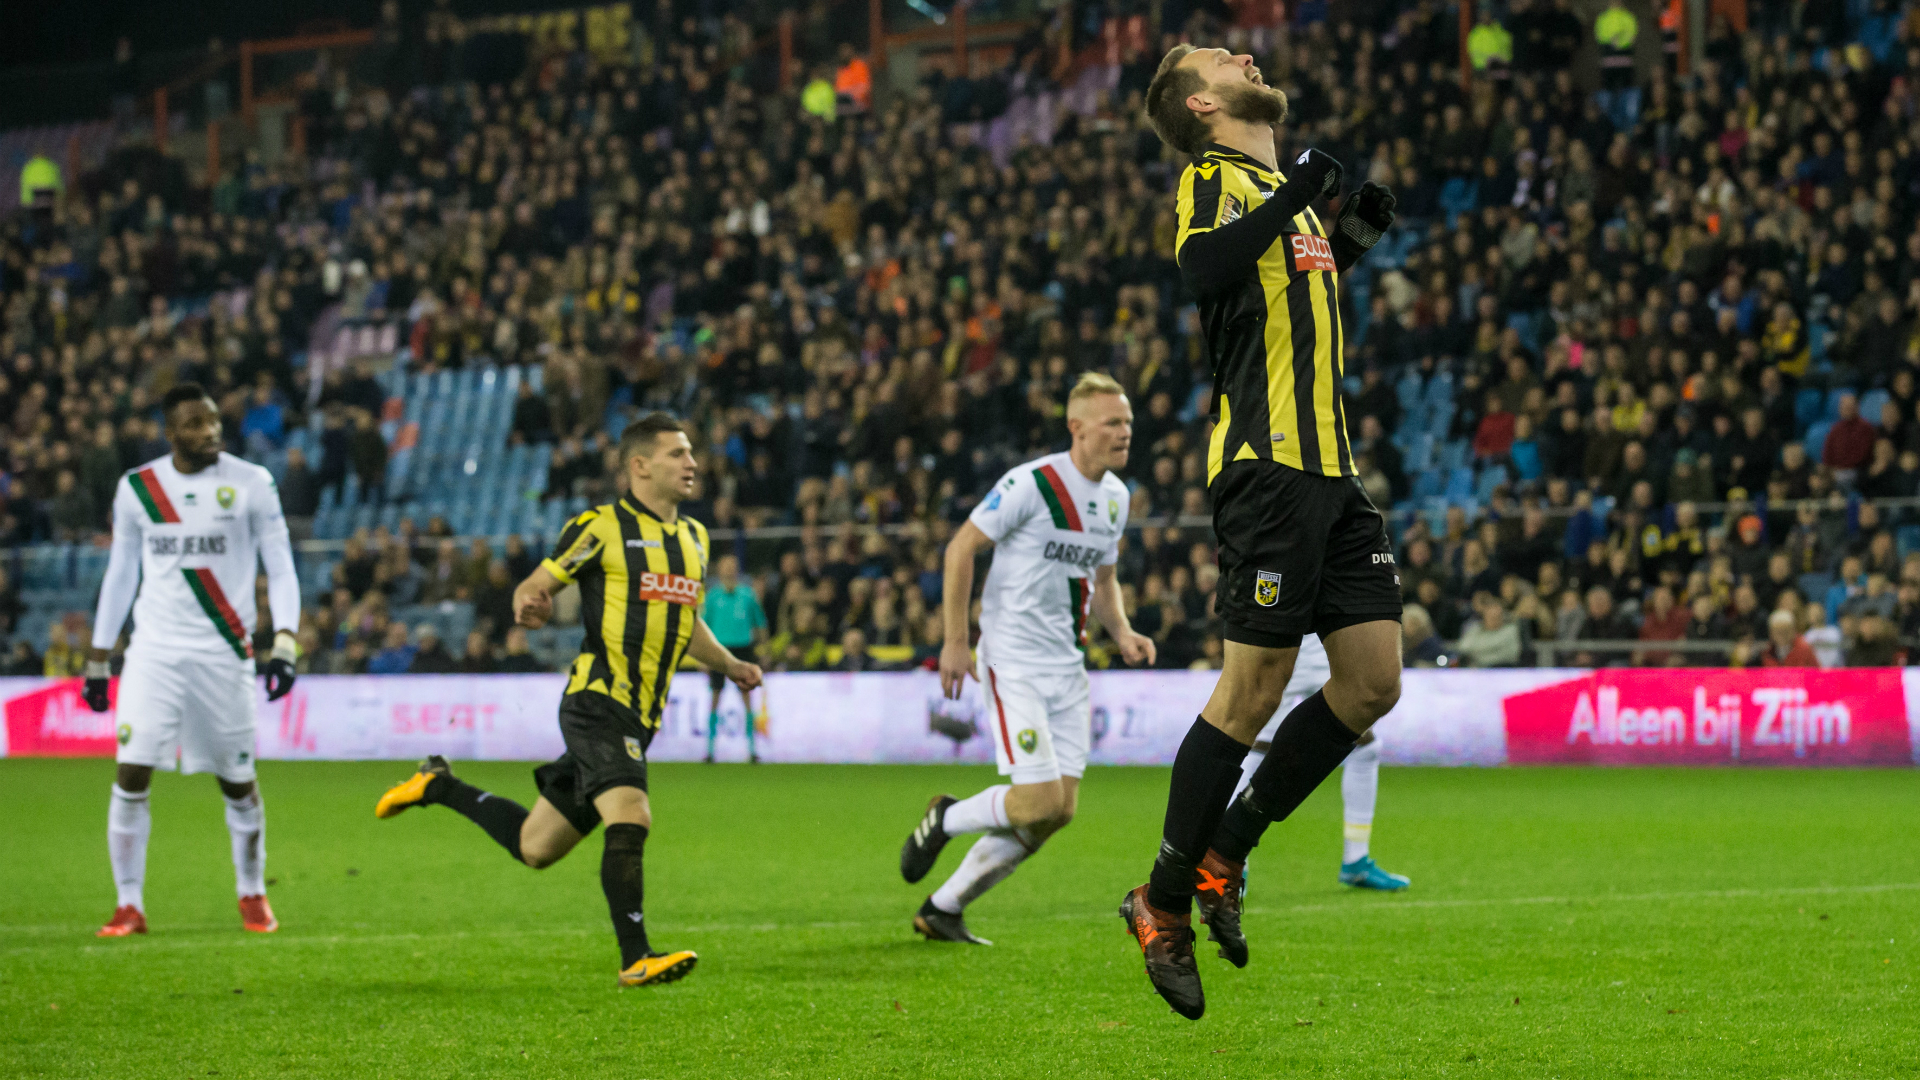 Vitesse - ADO Den Haag, Eredivisie 11262017